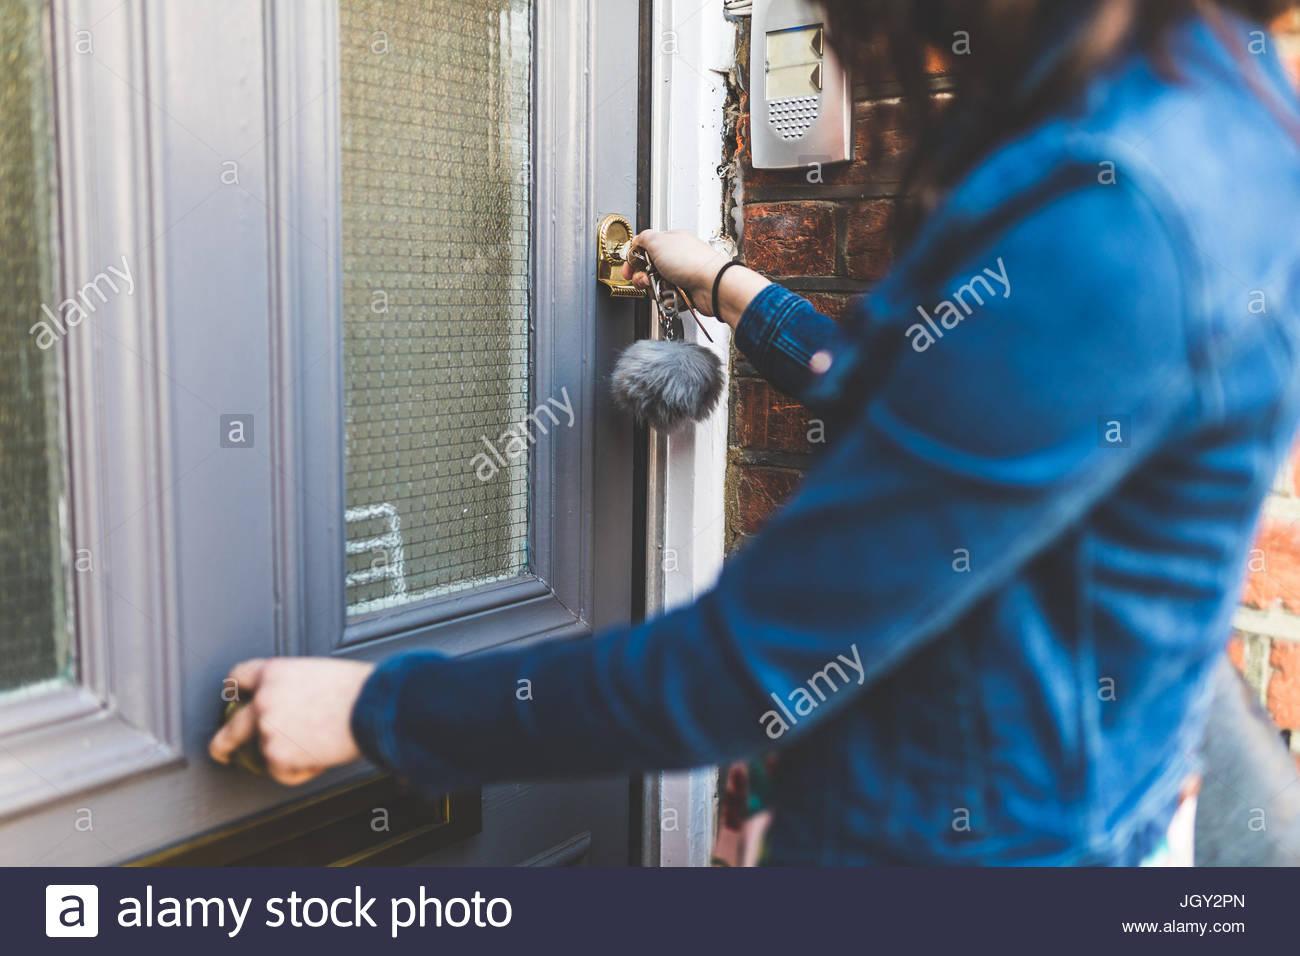 Giovane donna lasciando house, il bloccaggio della porta anteriore, sezione centrale Immagini Stock